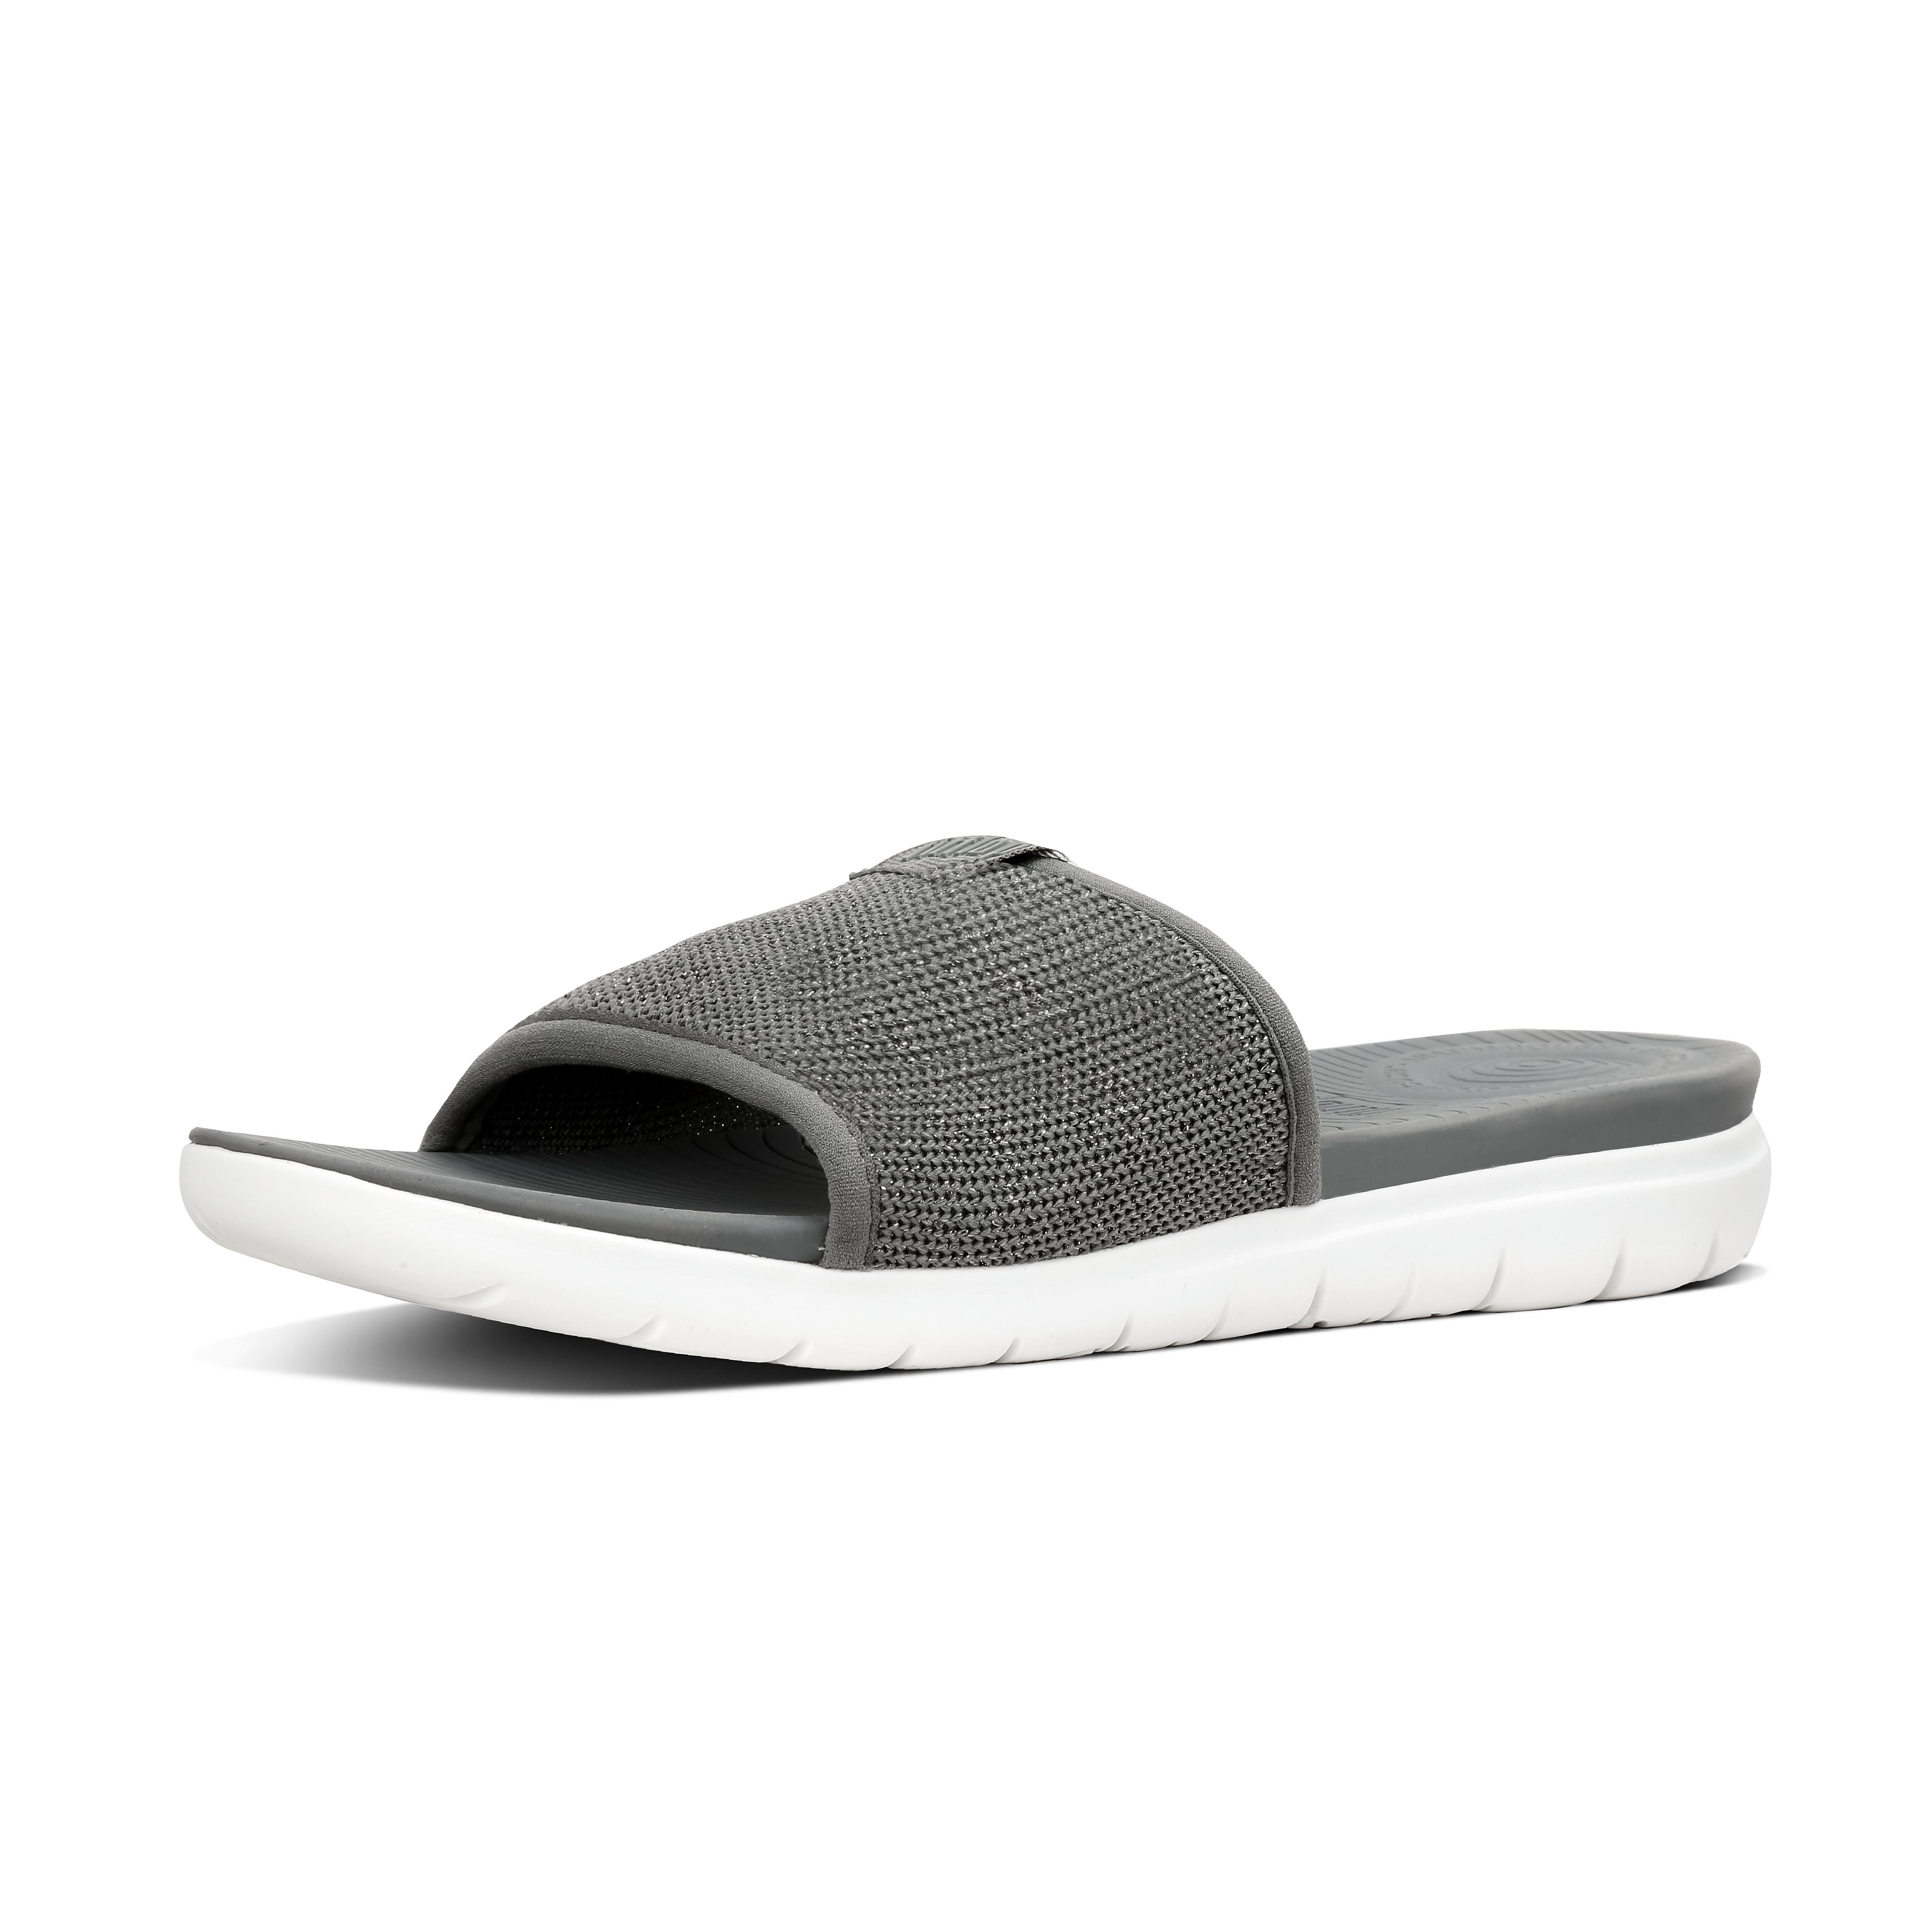 Uberknit slide sandals charcoal grey pewter m44 605?v=3